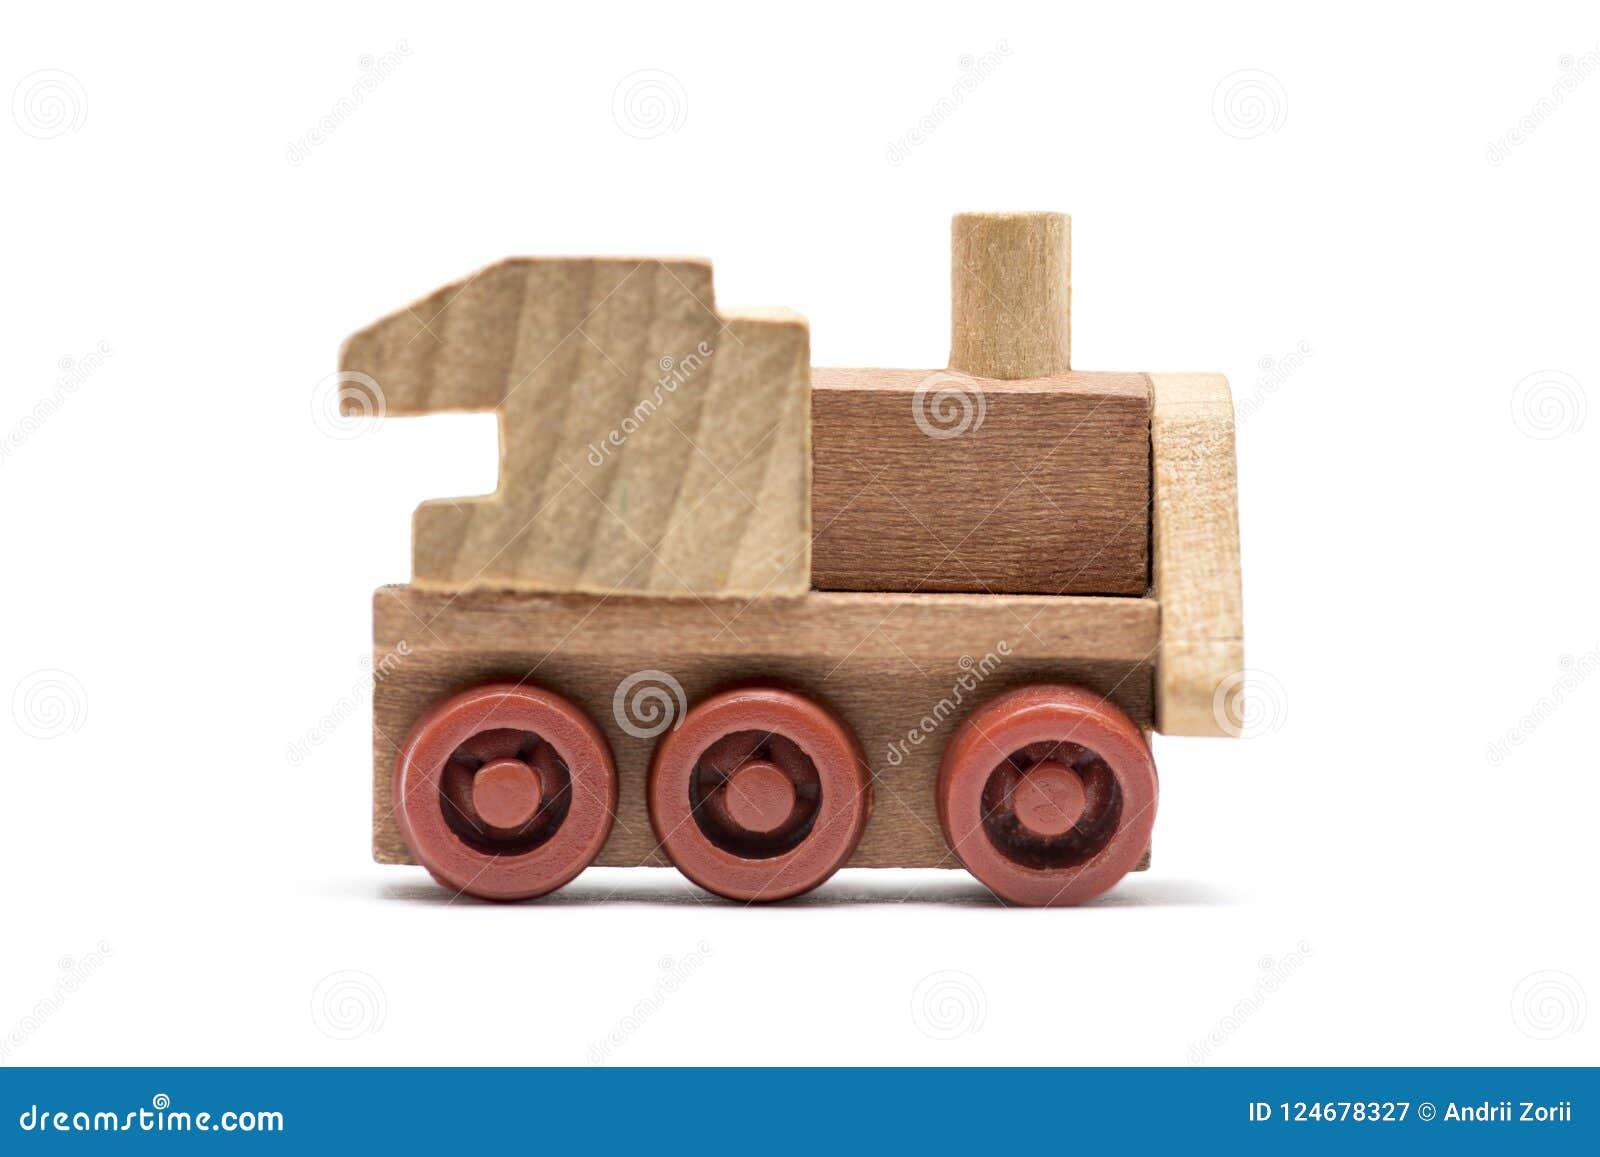 Toy Train op een witte achtergrond wordt geïsoleerd die Voortbewegings, houten die trein, stuk speelgoed op een witte achtergrond